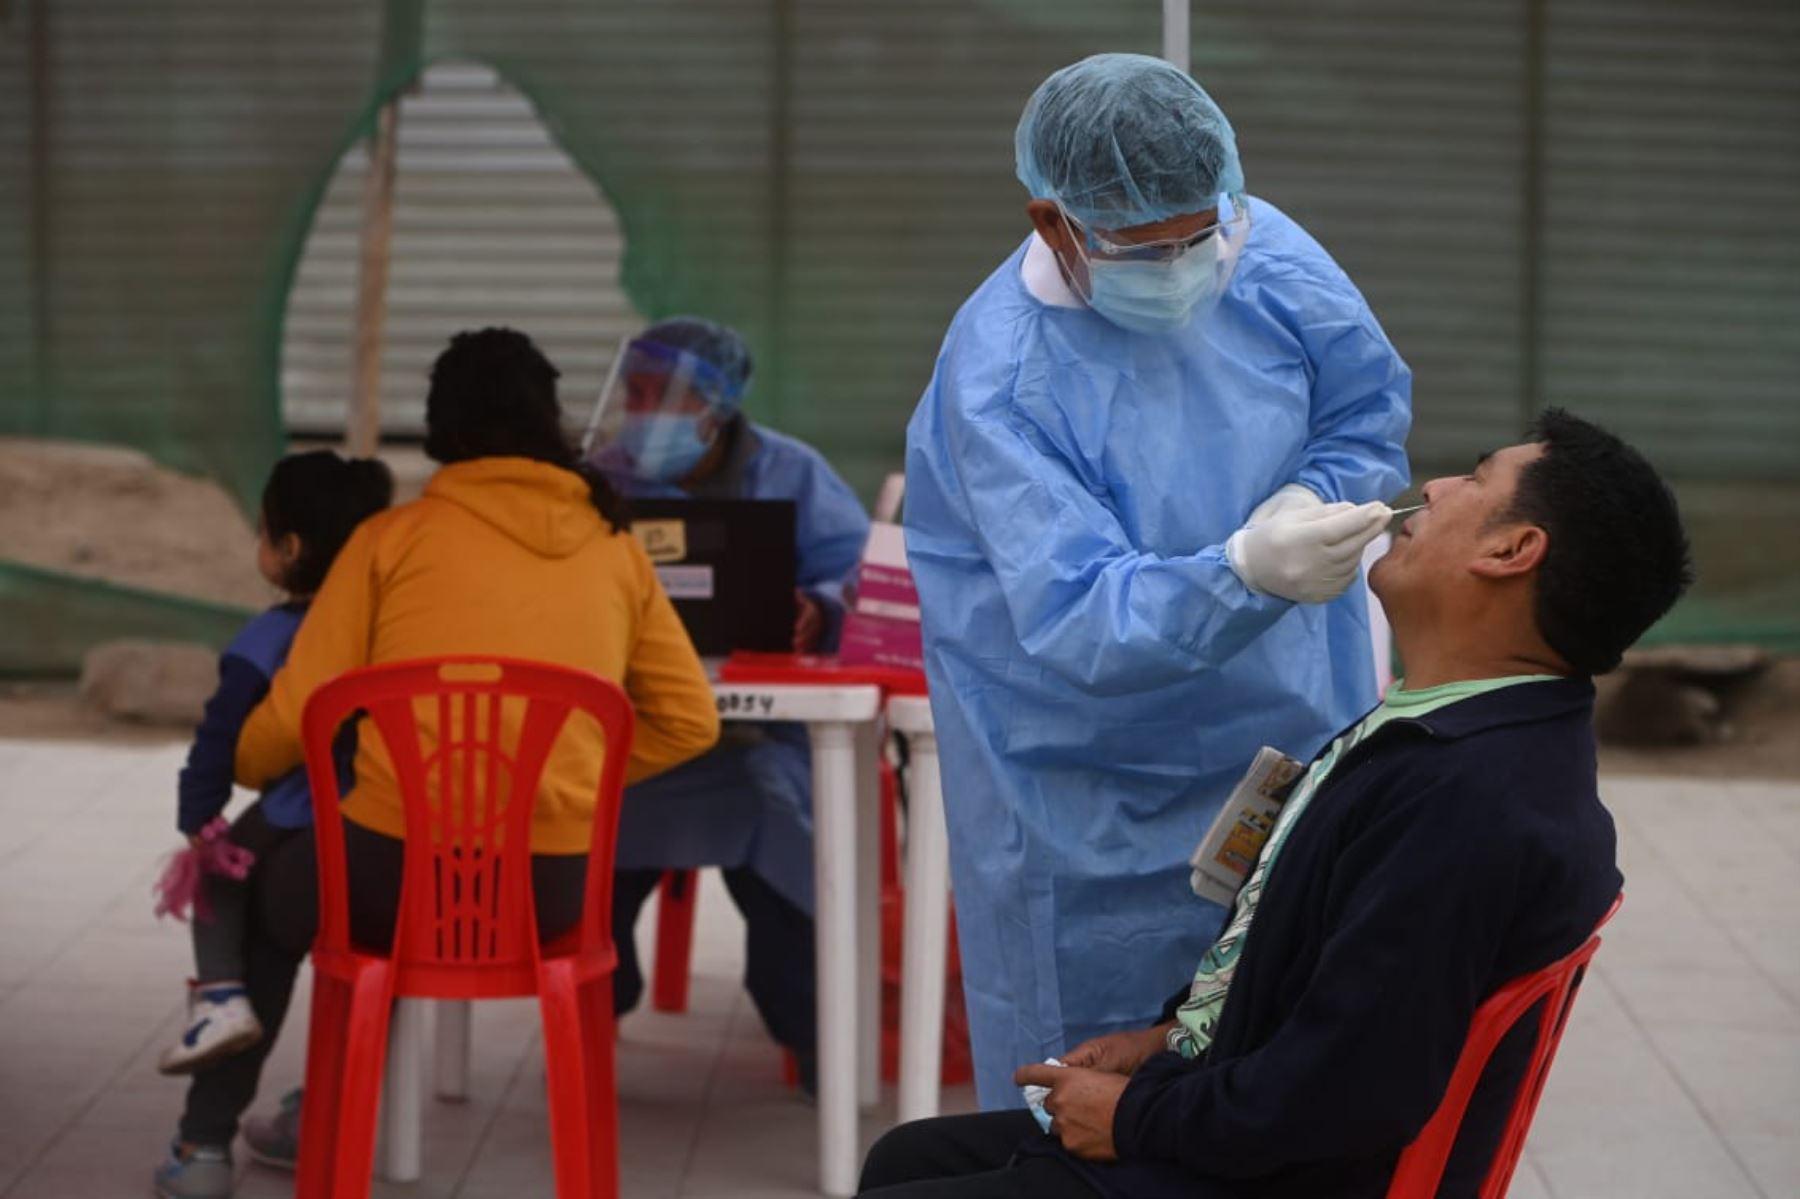 Realizarán campaña de despistaje de covid-19 en San Martin de Porres, Chosica y Pucusana